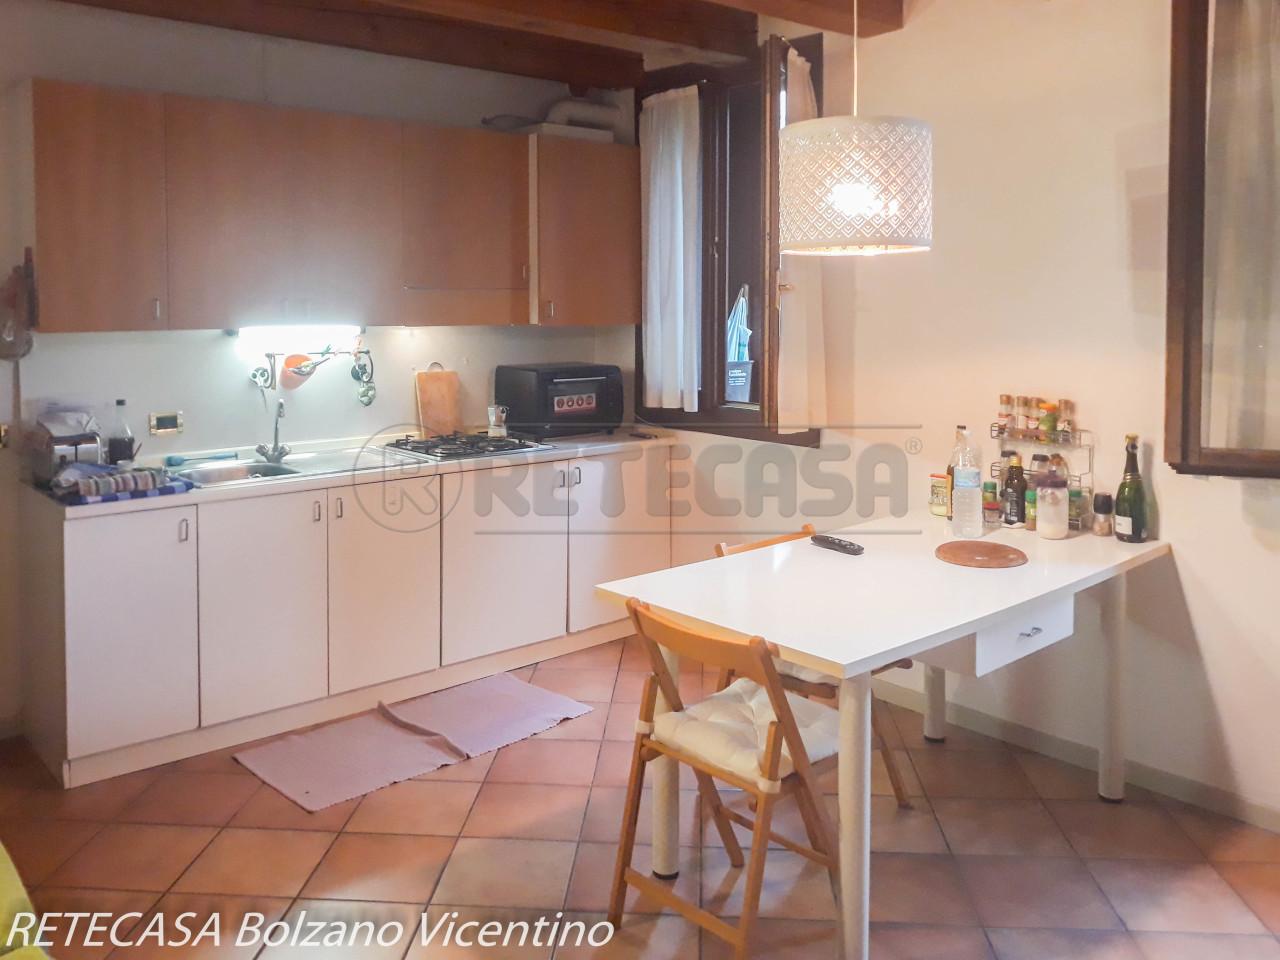 Miniappartamento in affitto a vicenza di 58mq a 1588 for Appartamenti arredati in affitto a vicenza